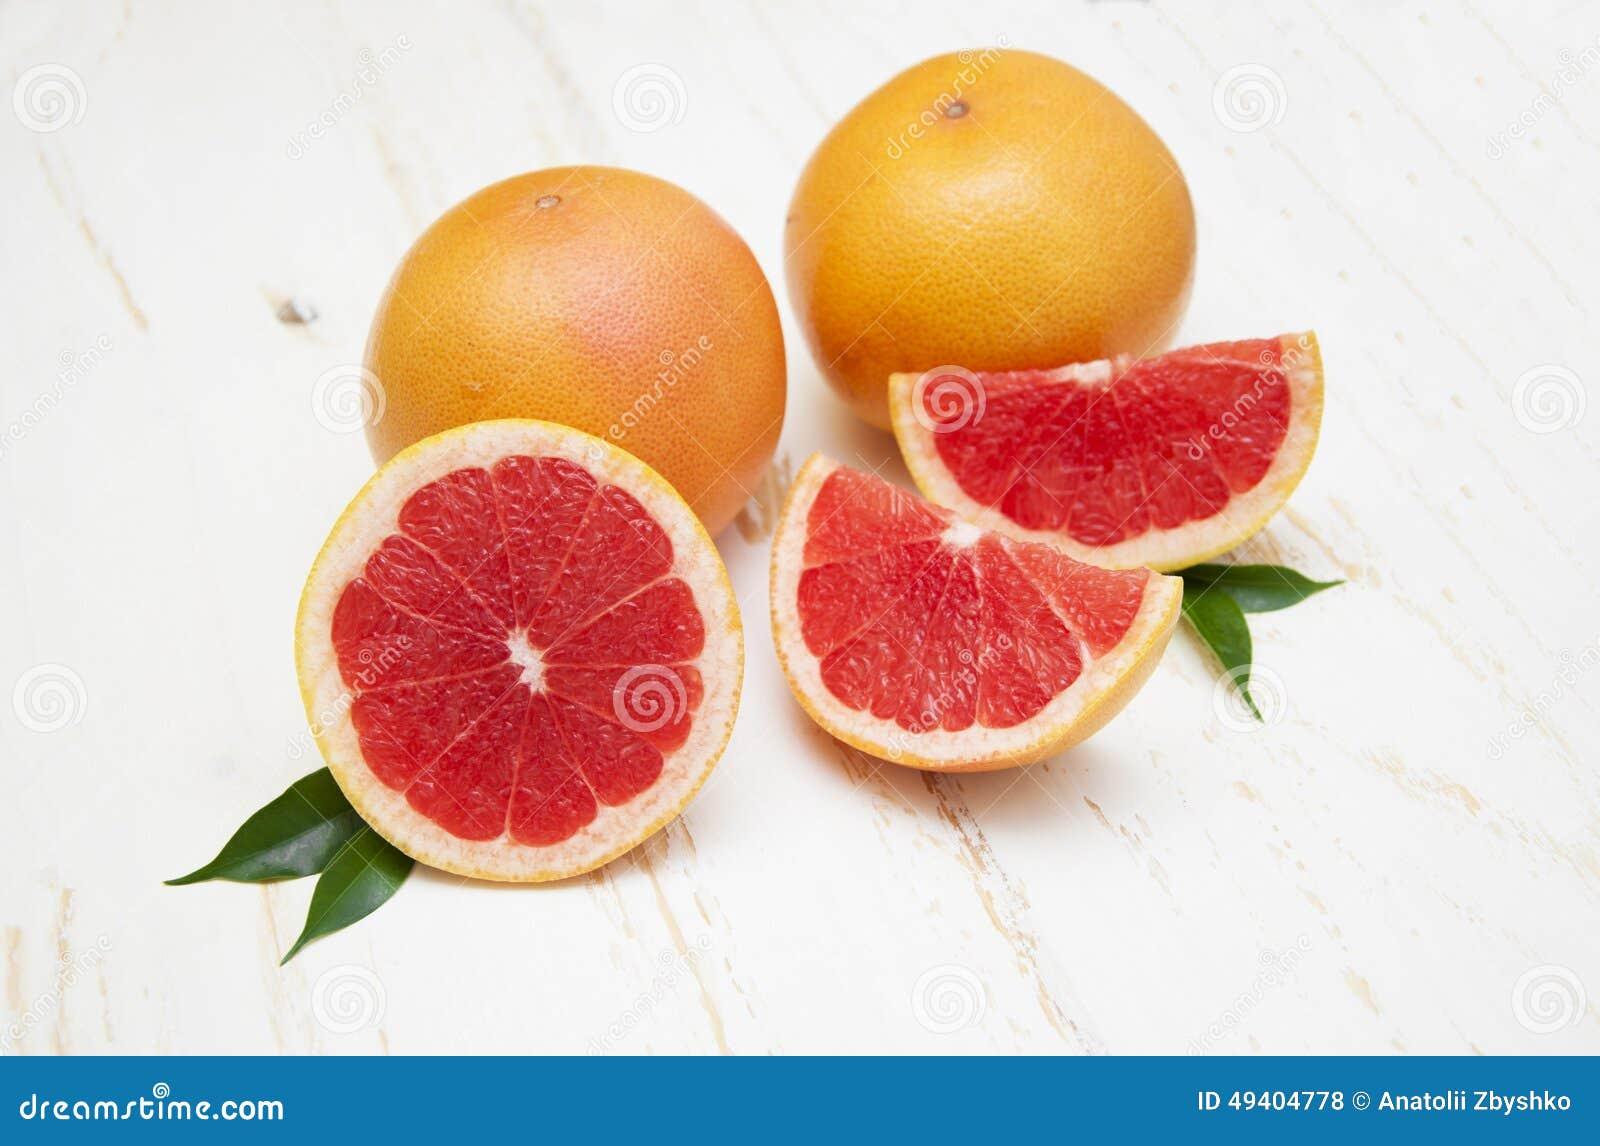 Download Pampelmuse stockfoto. Bild von frucht, frische, diät - 49404778